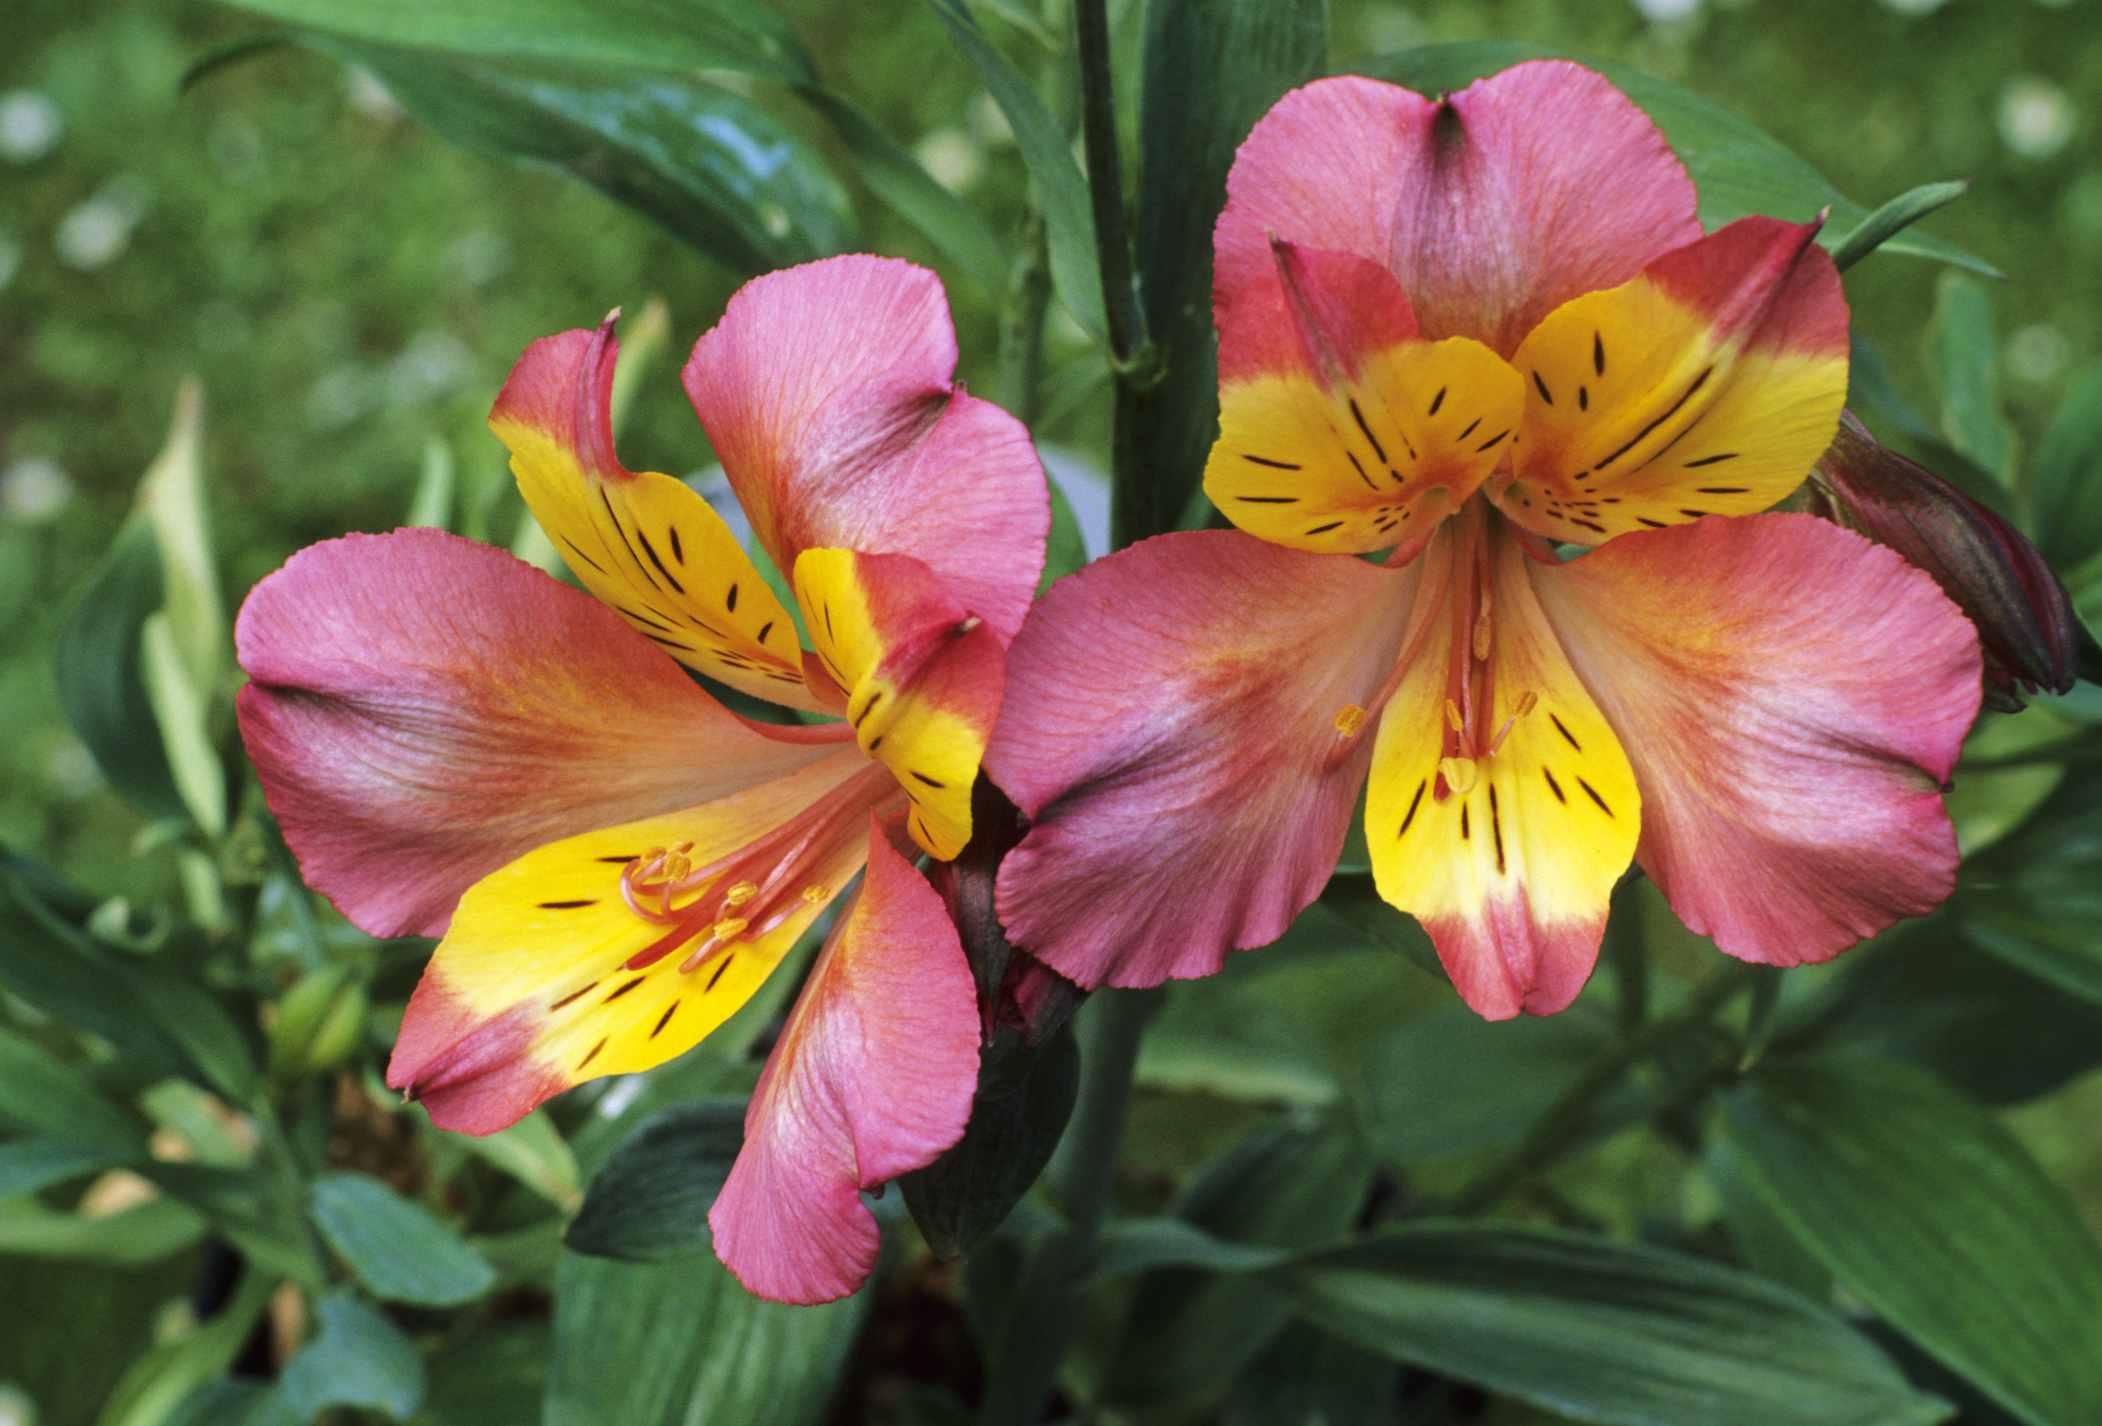 Varieties of Peruvian Lily